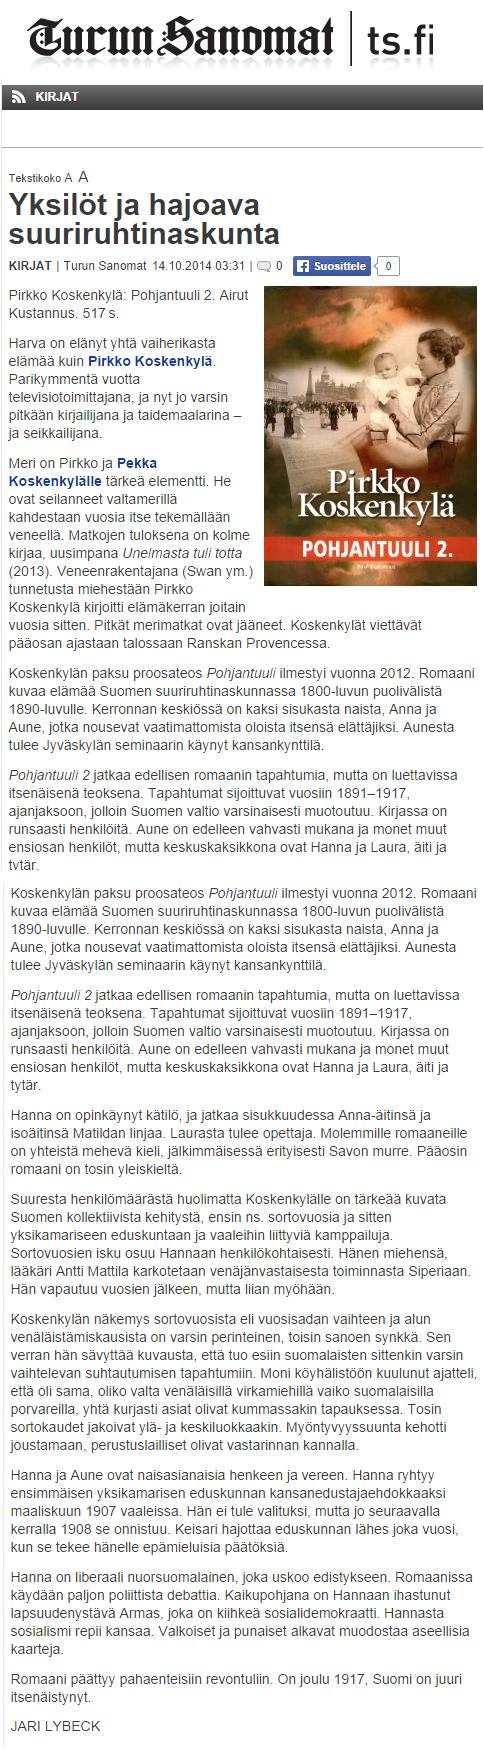 Turun_Sanomat_14-10-2014